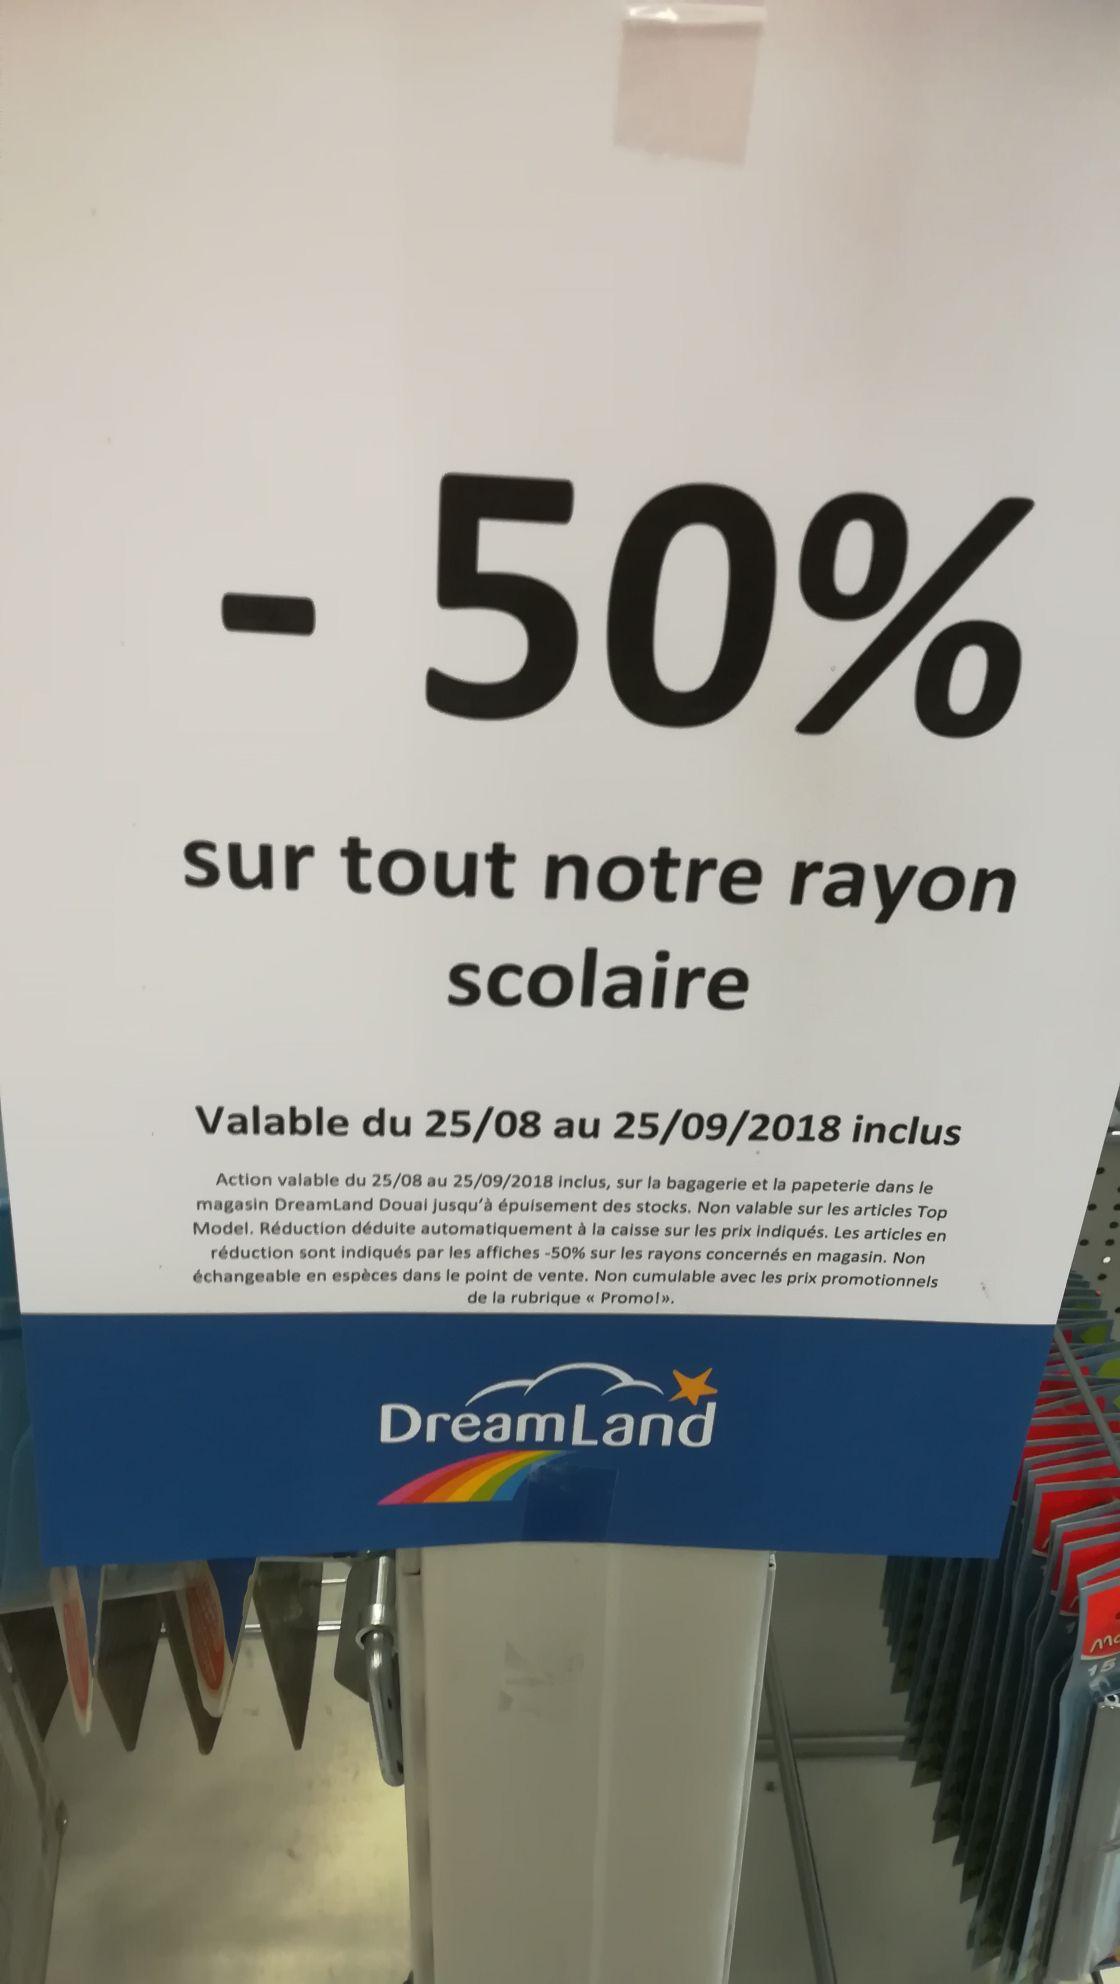 -50% sur toutes les fournitures scolaires - Dreamland Dechy (59)